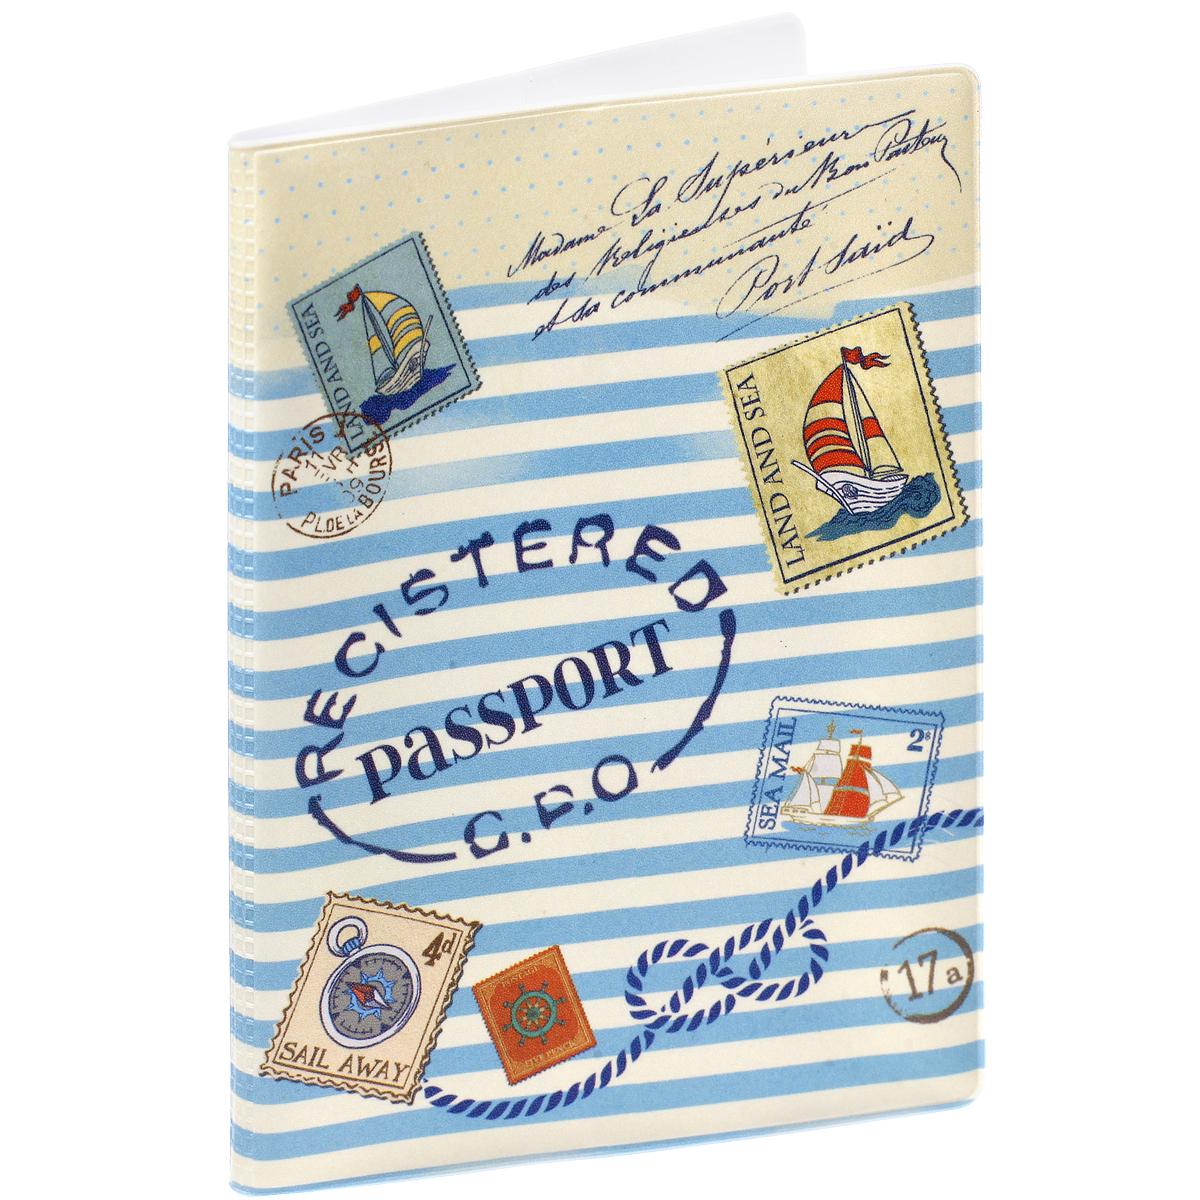 Обложка для паспорта Морская, цвет: синий, белый. 3771237712Обложка для паспорта Морская не только поможет сохранить внешний вид ваших документов и защитить их от повреждений, но и станет стильным аксессуаром, идеально подходящим вашему образу. Обложка выполнена из поливинилхлорида и оформлена в морской тематике. Внутри имеет два вертикальных кармана из прозрачного пластика. Такая обложка поможет вам подчеркнуть свою индивидуальность и неповторимость!